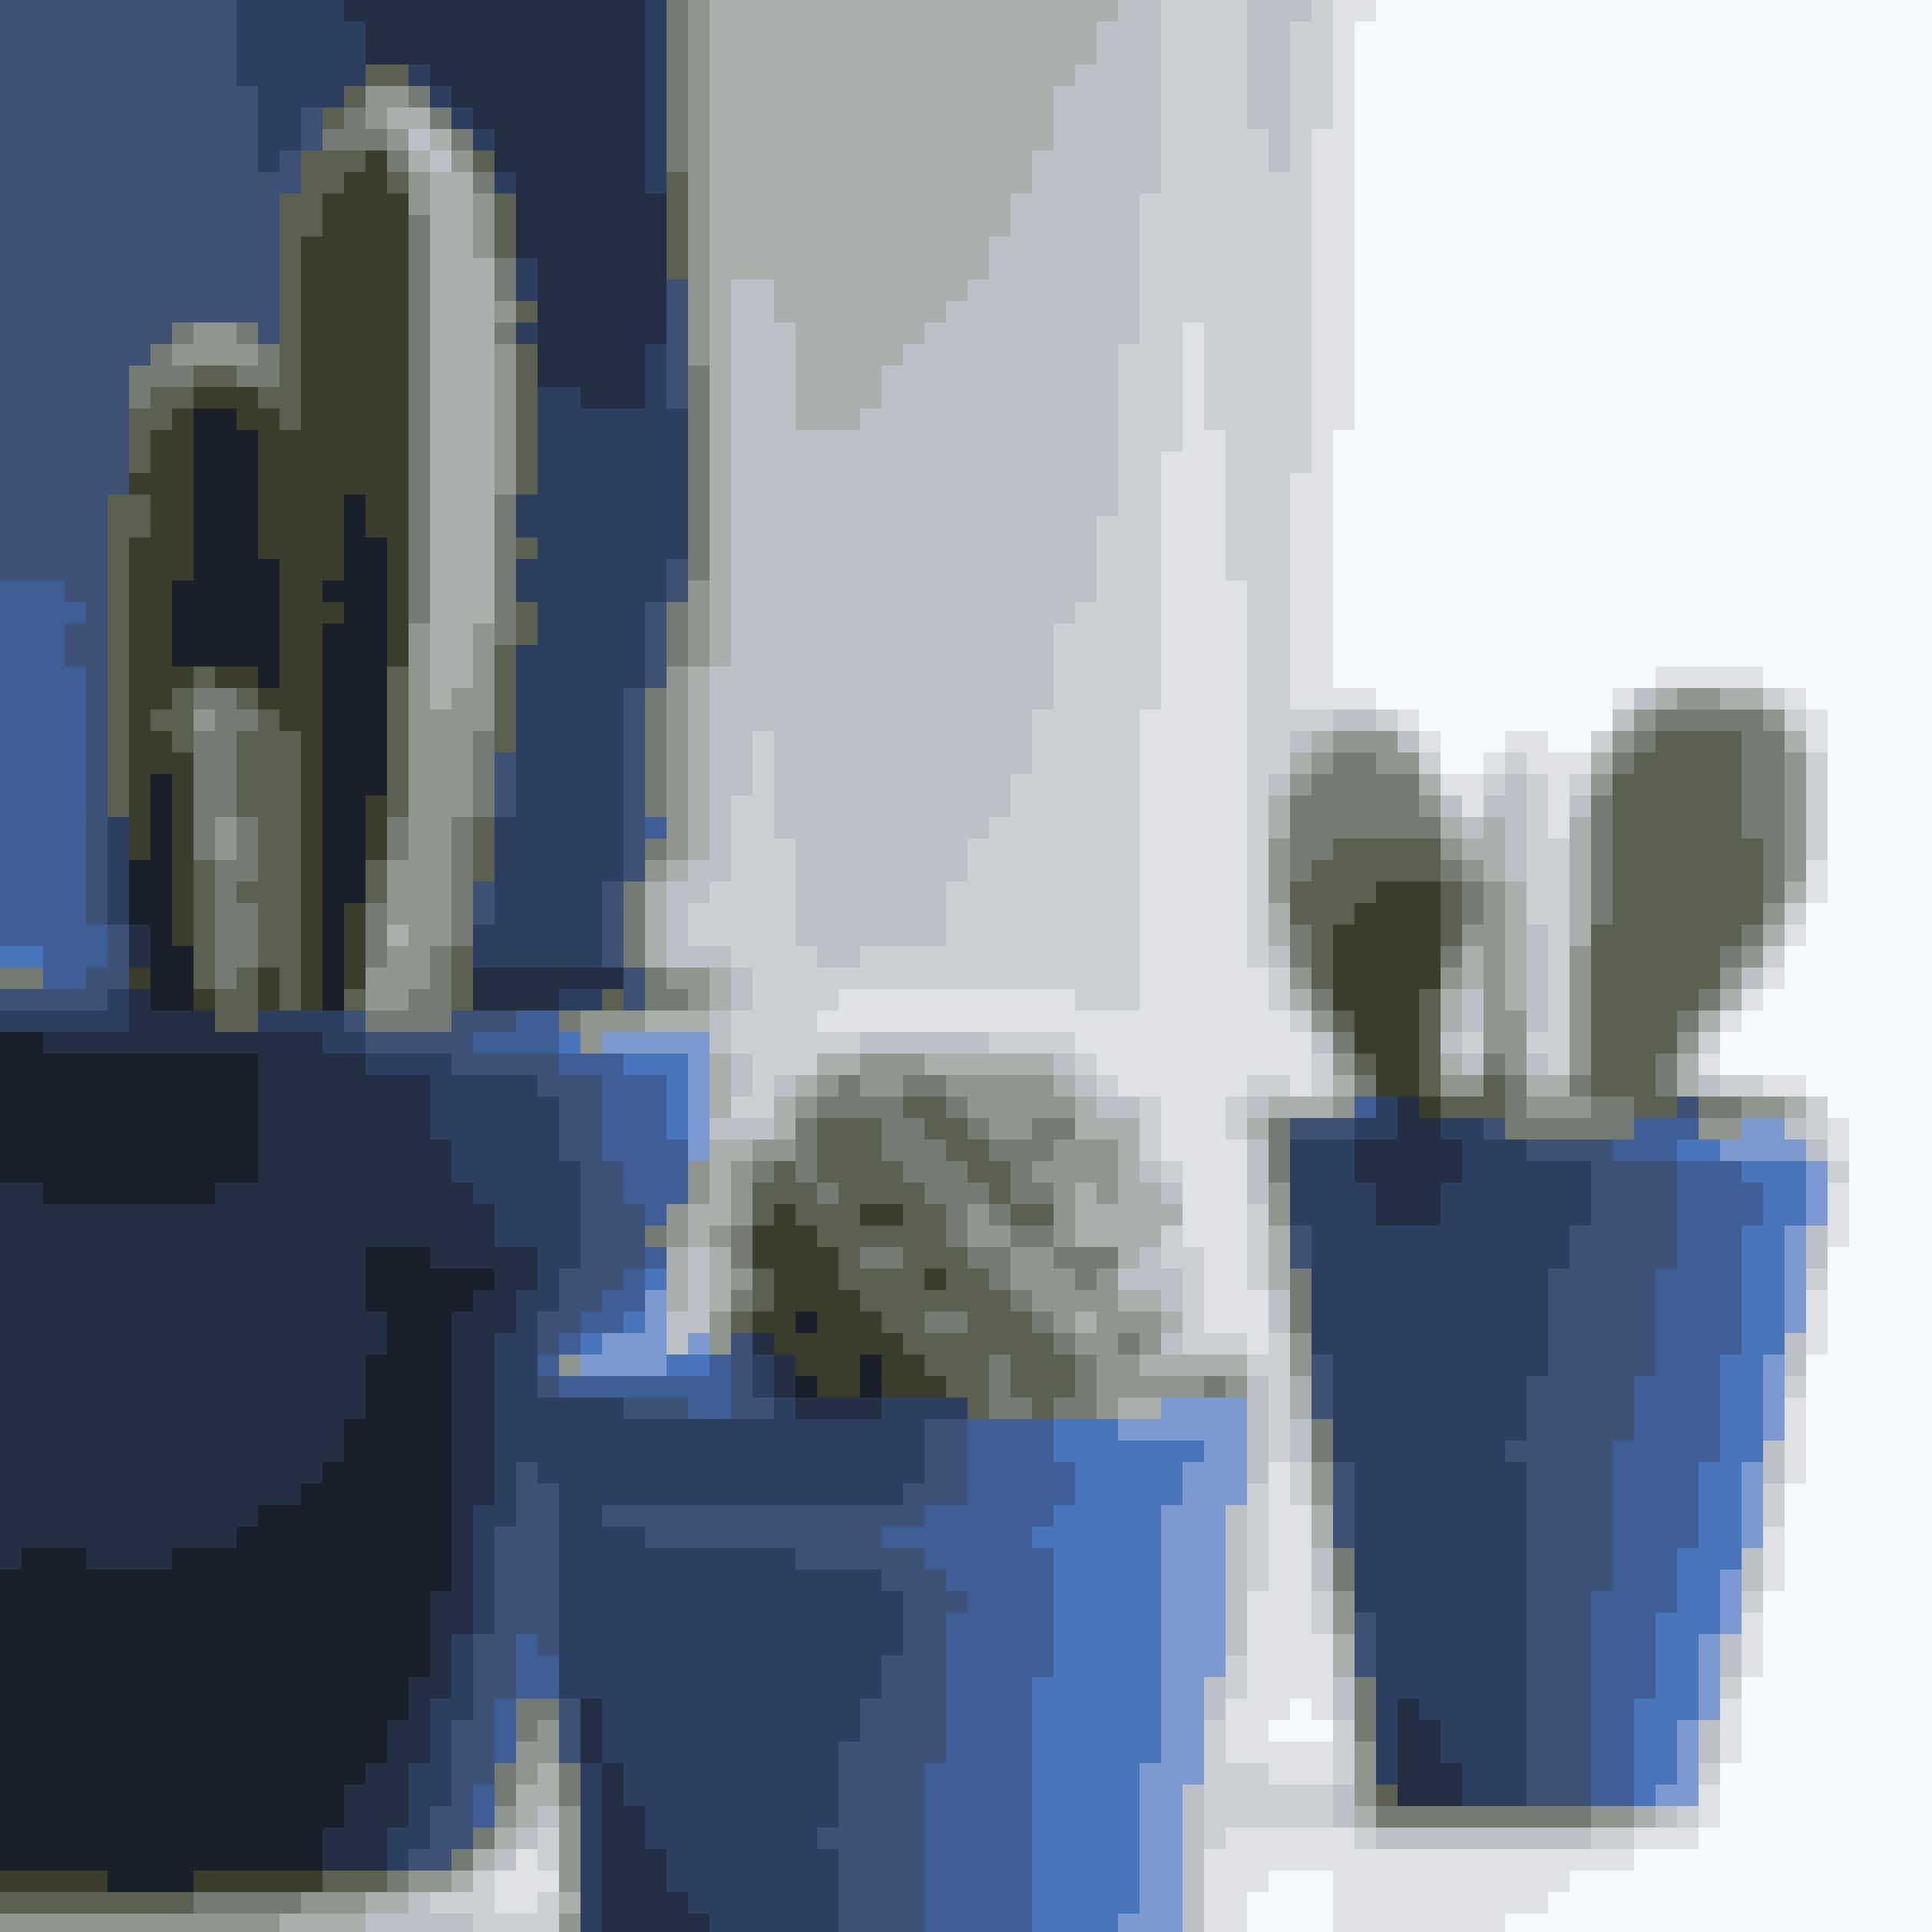 Gamle urtepotter er nemme at få som nye. Spraymal dem med forskellige nuancer af blå, og plant kaktusser i dem. De kan ofte findes billigt i Ikea.Små potter malet med spraymaling, kode 5010, fra Panduro Hobby. Stor potte malet med spraymaling, kode 104, fra Molotow.